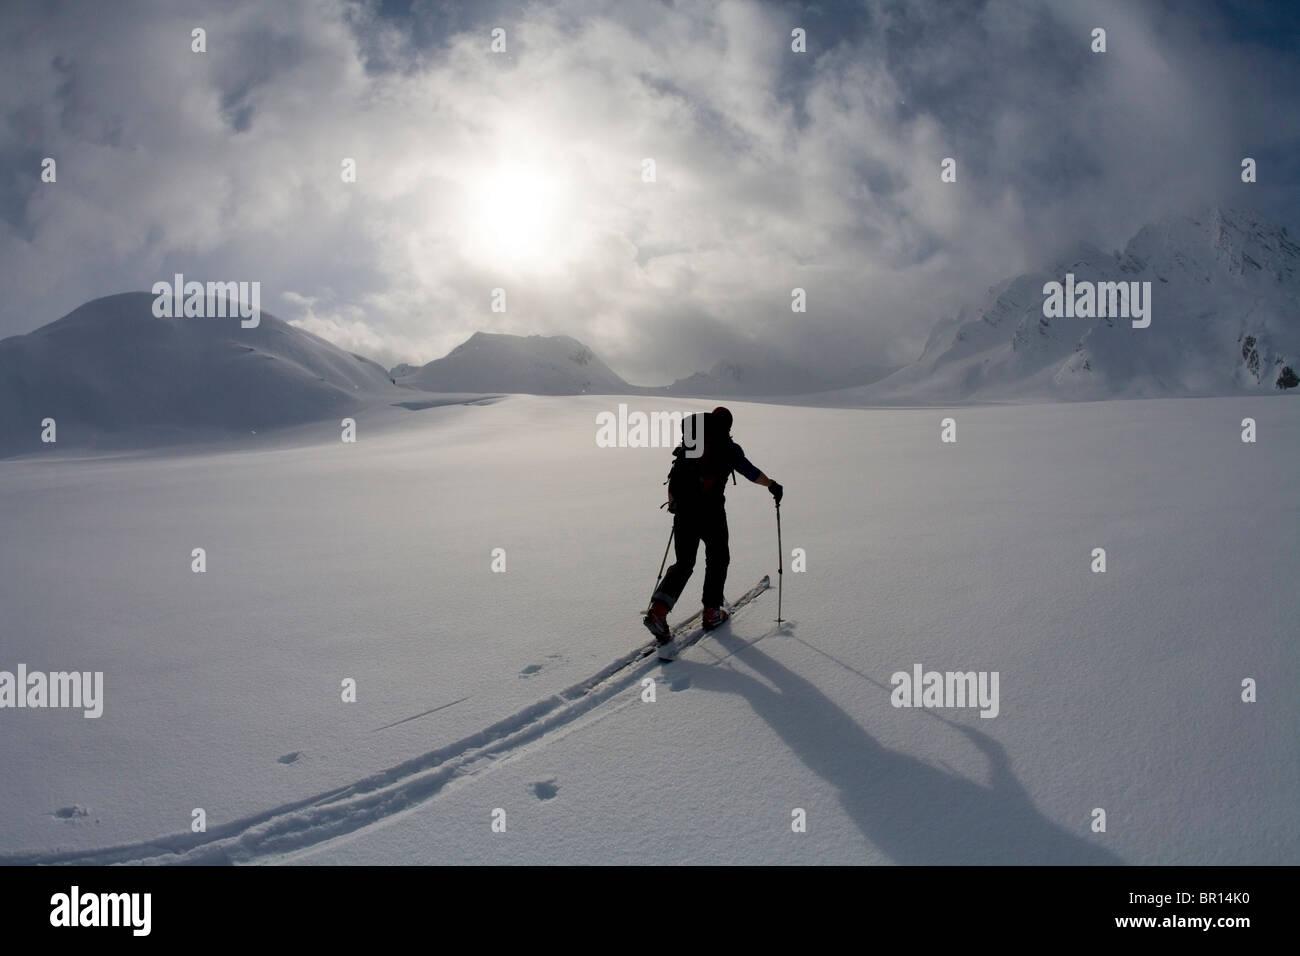 Backcountry Skifahrer kreuzt Gletscher unter Gewitterhimmel späten Tag. Stockfoto